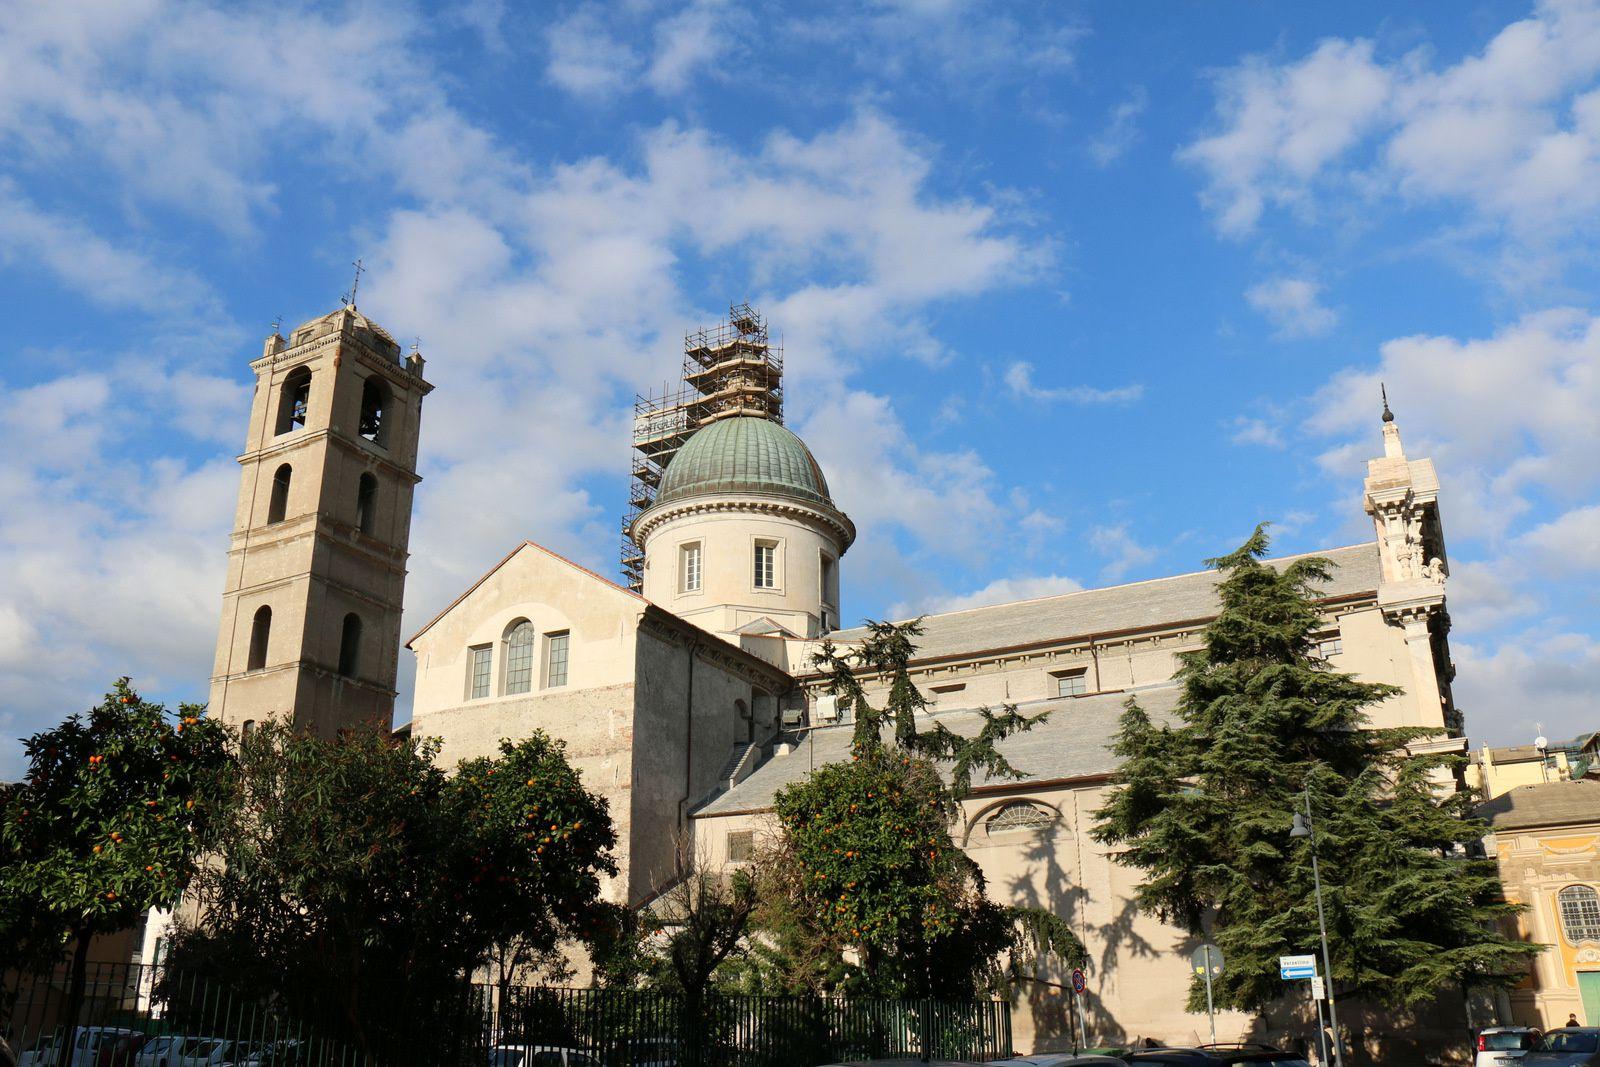 La cathédrale Di Santa Maria Assunta, Savone (Italie)